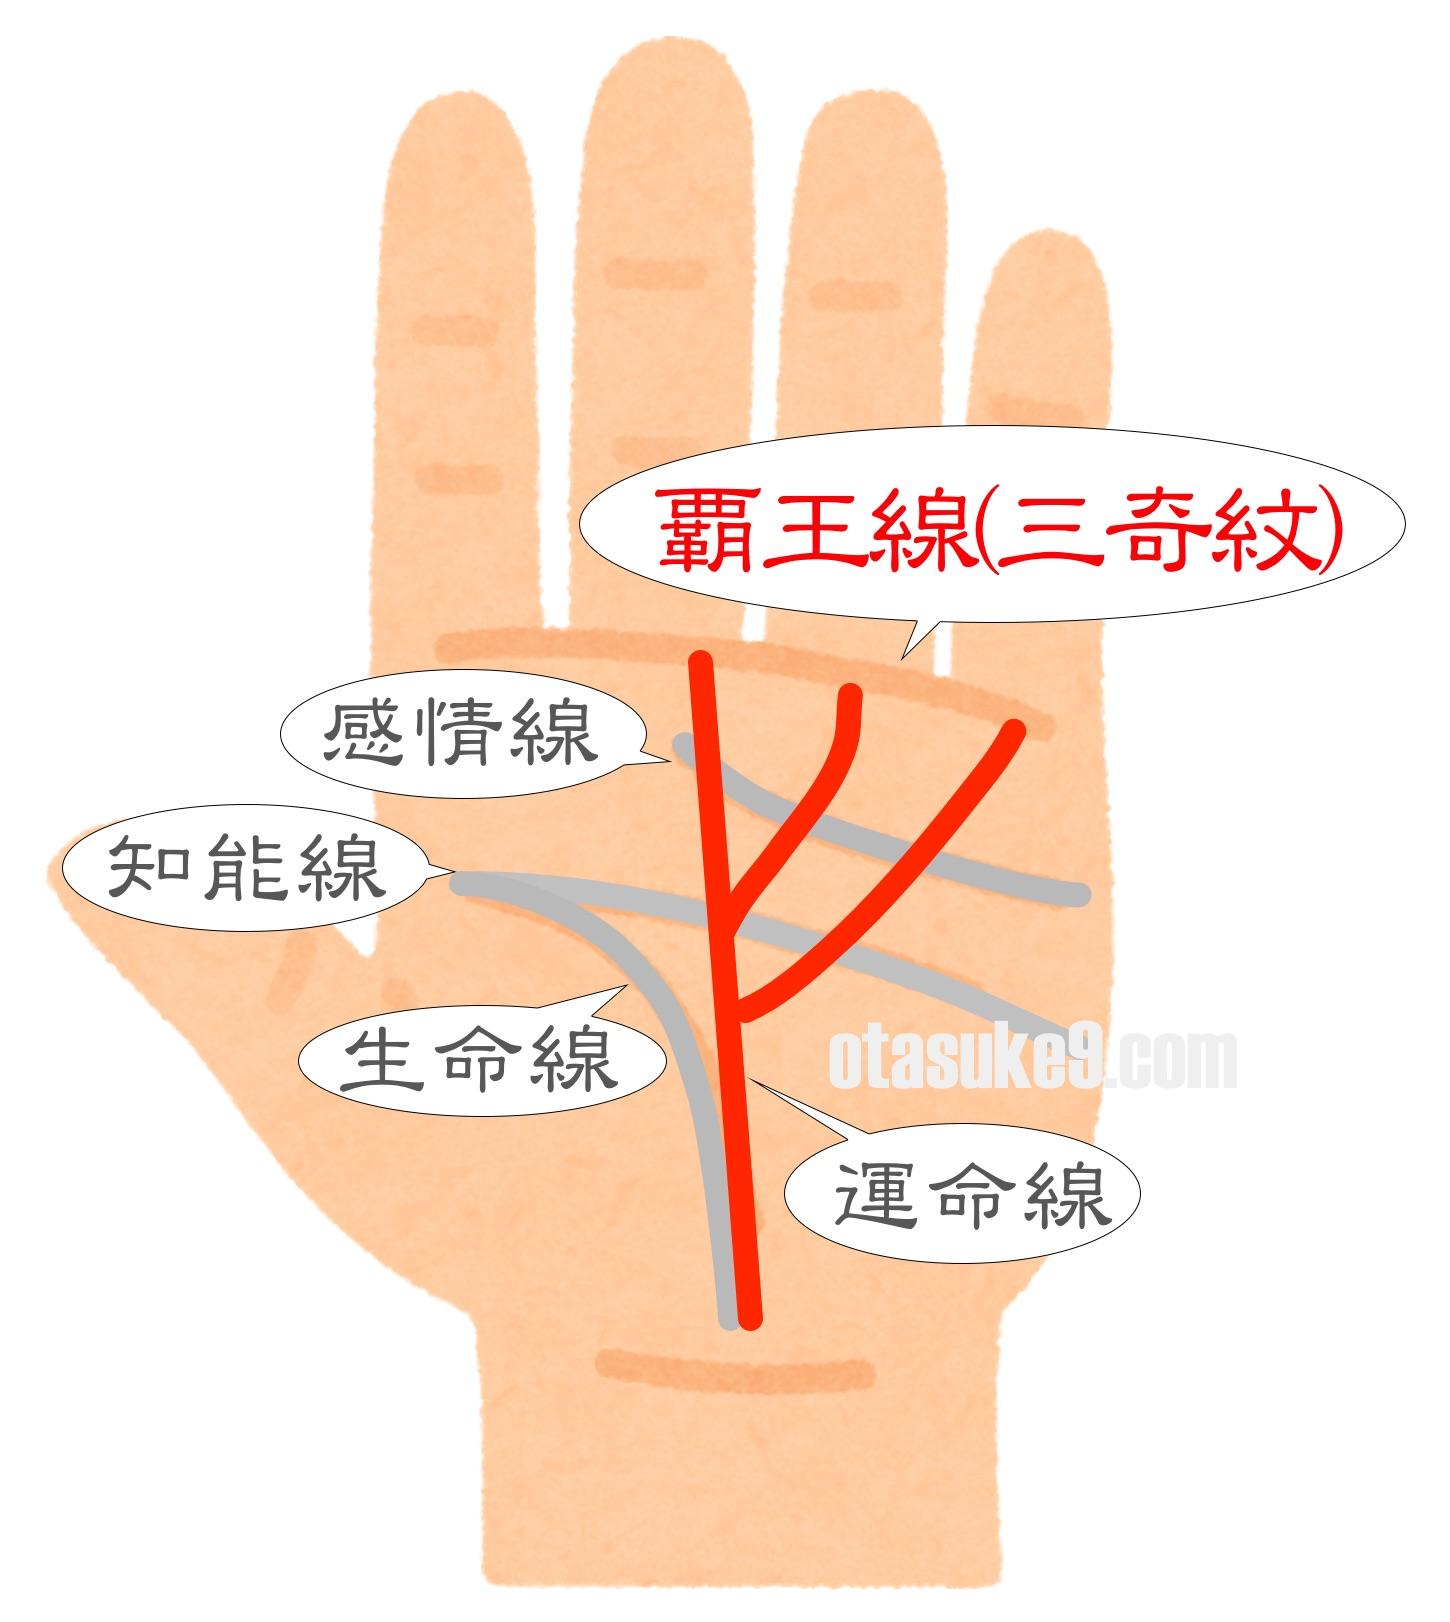 覇王線 三奇紋